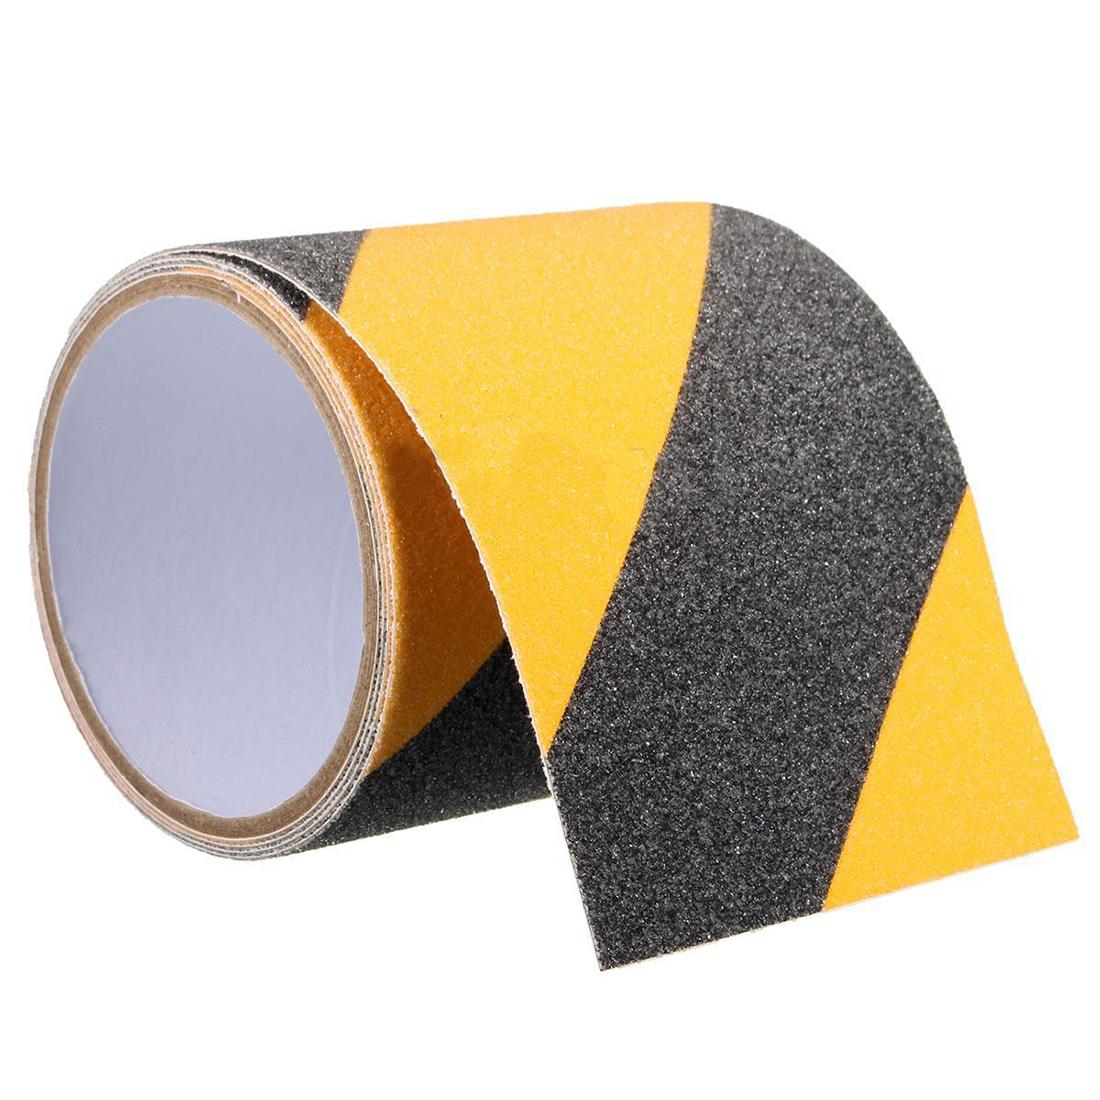 10cm 1m roll anti slip tape non slip safety sticker for for Non slip composite decking